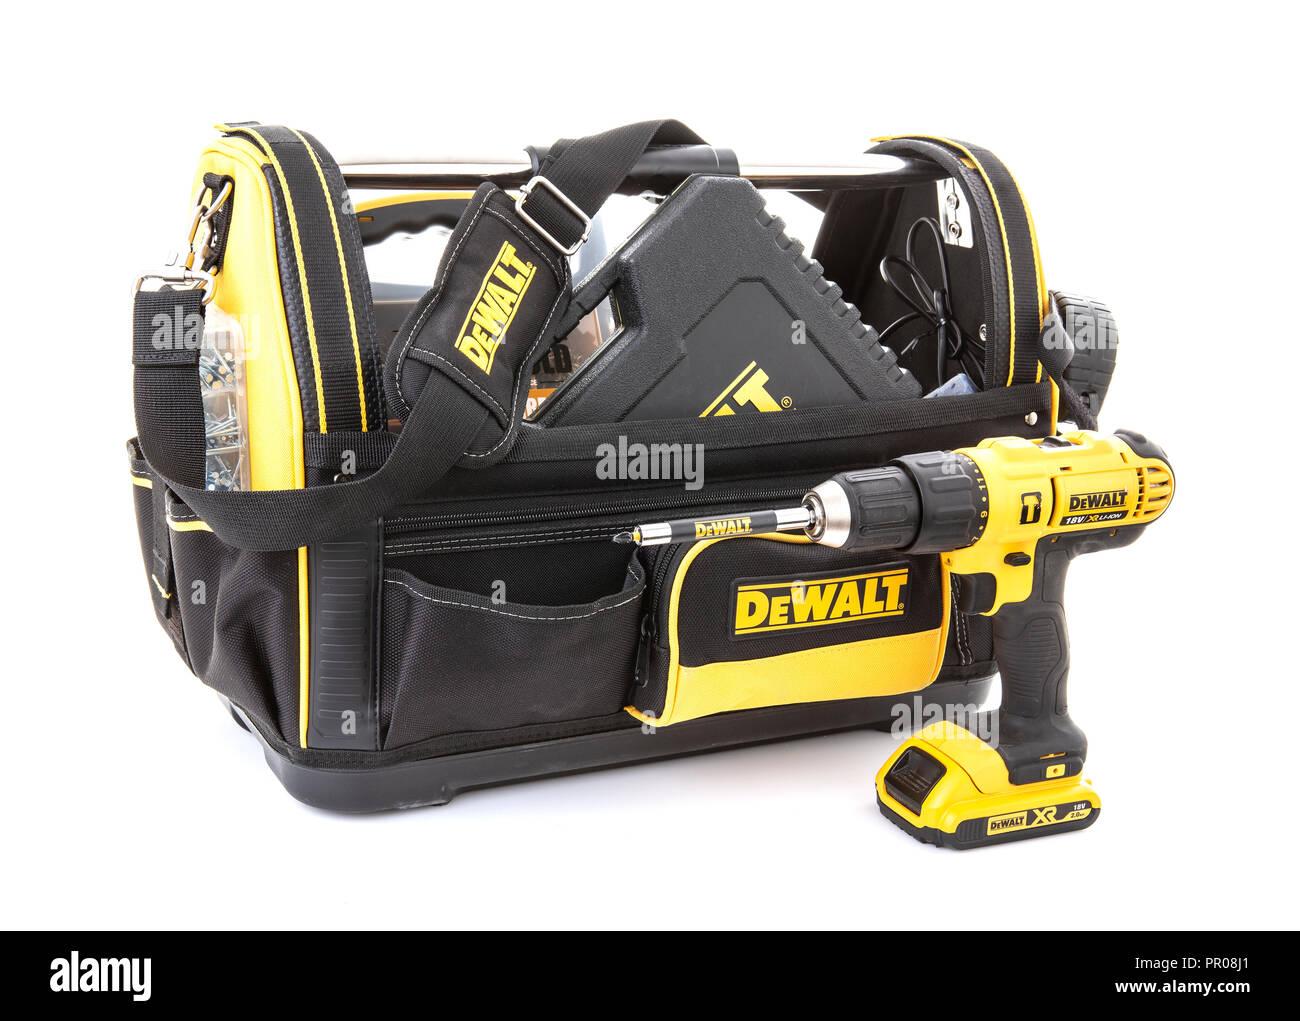 SWINDON, Royaume-Uni - 31 juillet 2018: DeWalt Sac à outils et les outils électriques sans fil sur un fond blanc Photo Stock